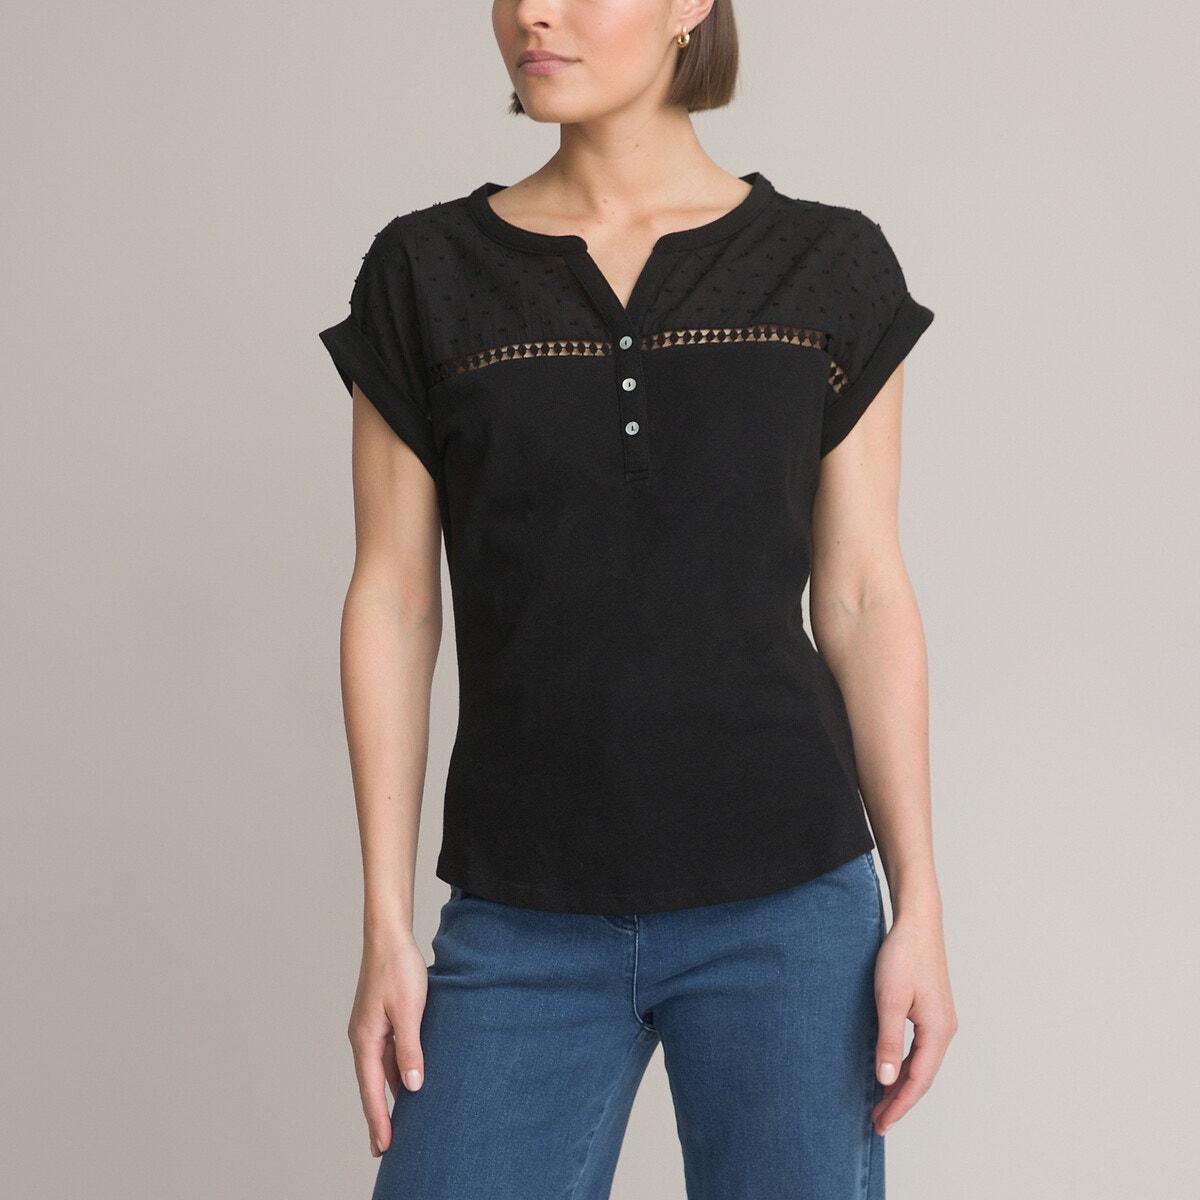 Βαμβακερή μπλούζα γυναικα   μπλούζες   πουκάμισα   t shirts